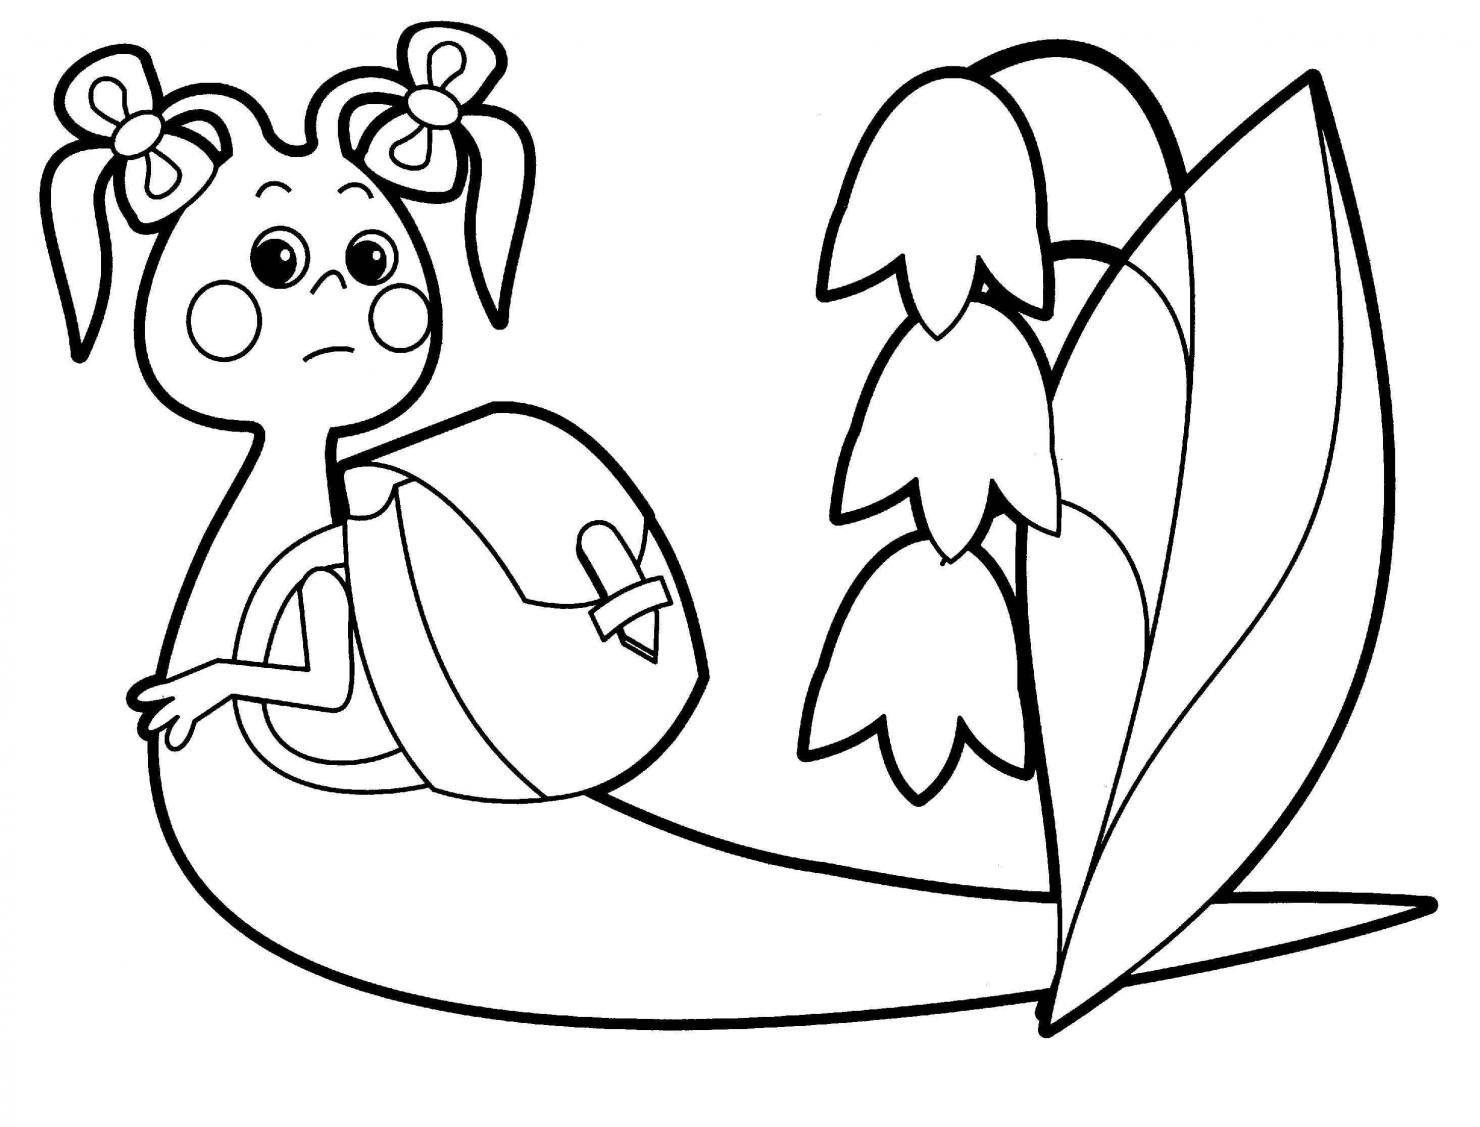 Улитка раскраска для малышей - 7